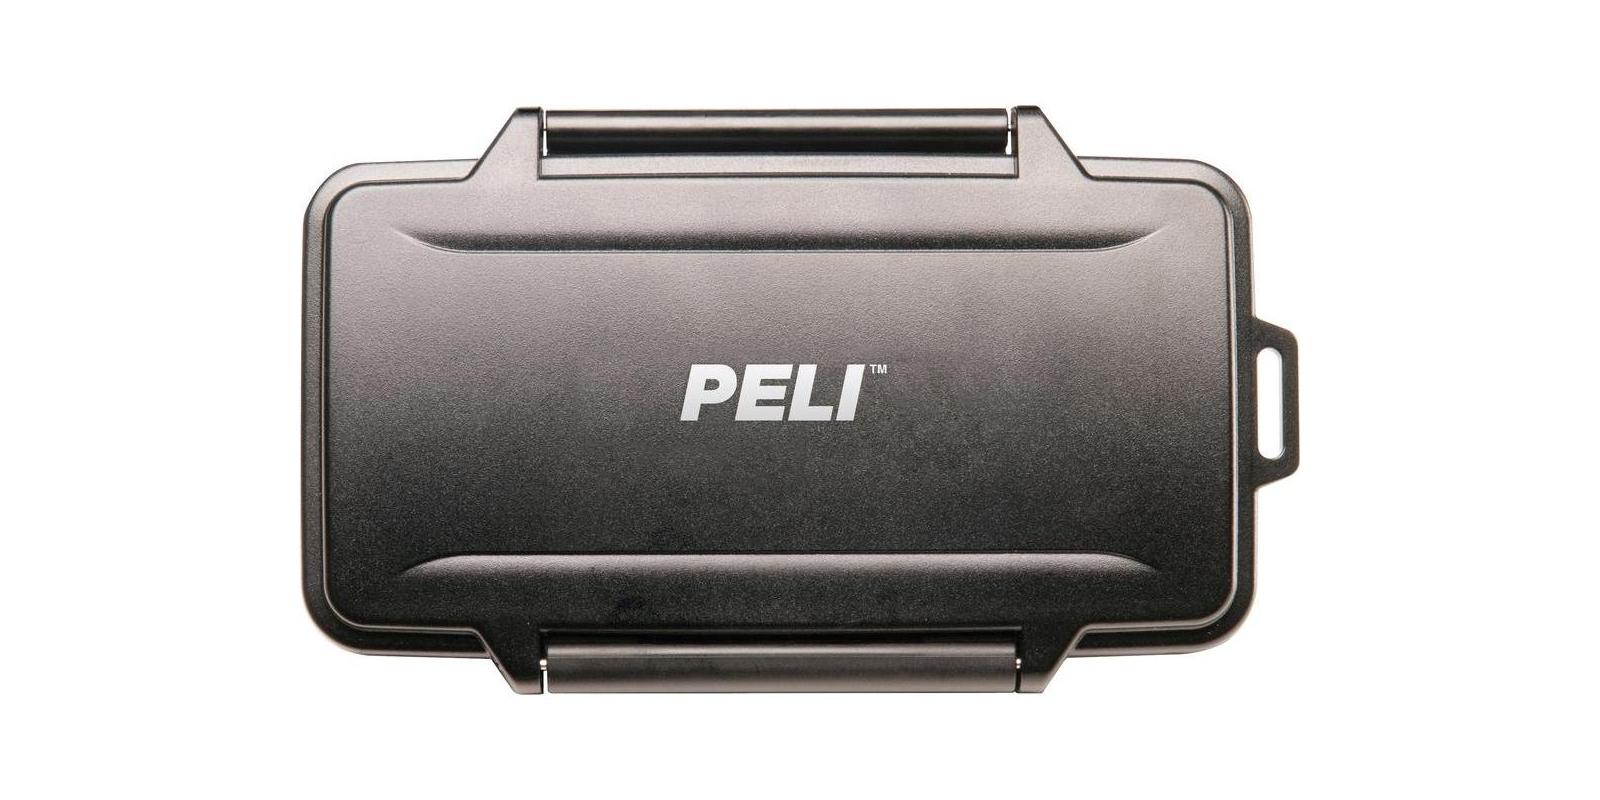 Кейс PELI для карт памяти вид сверху